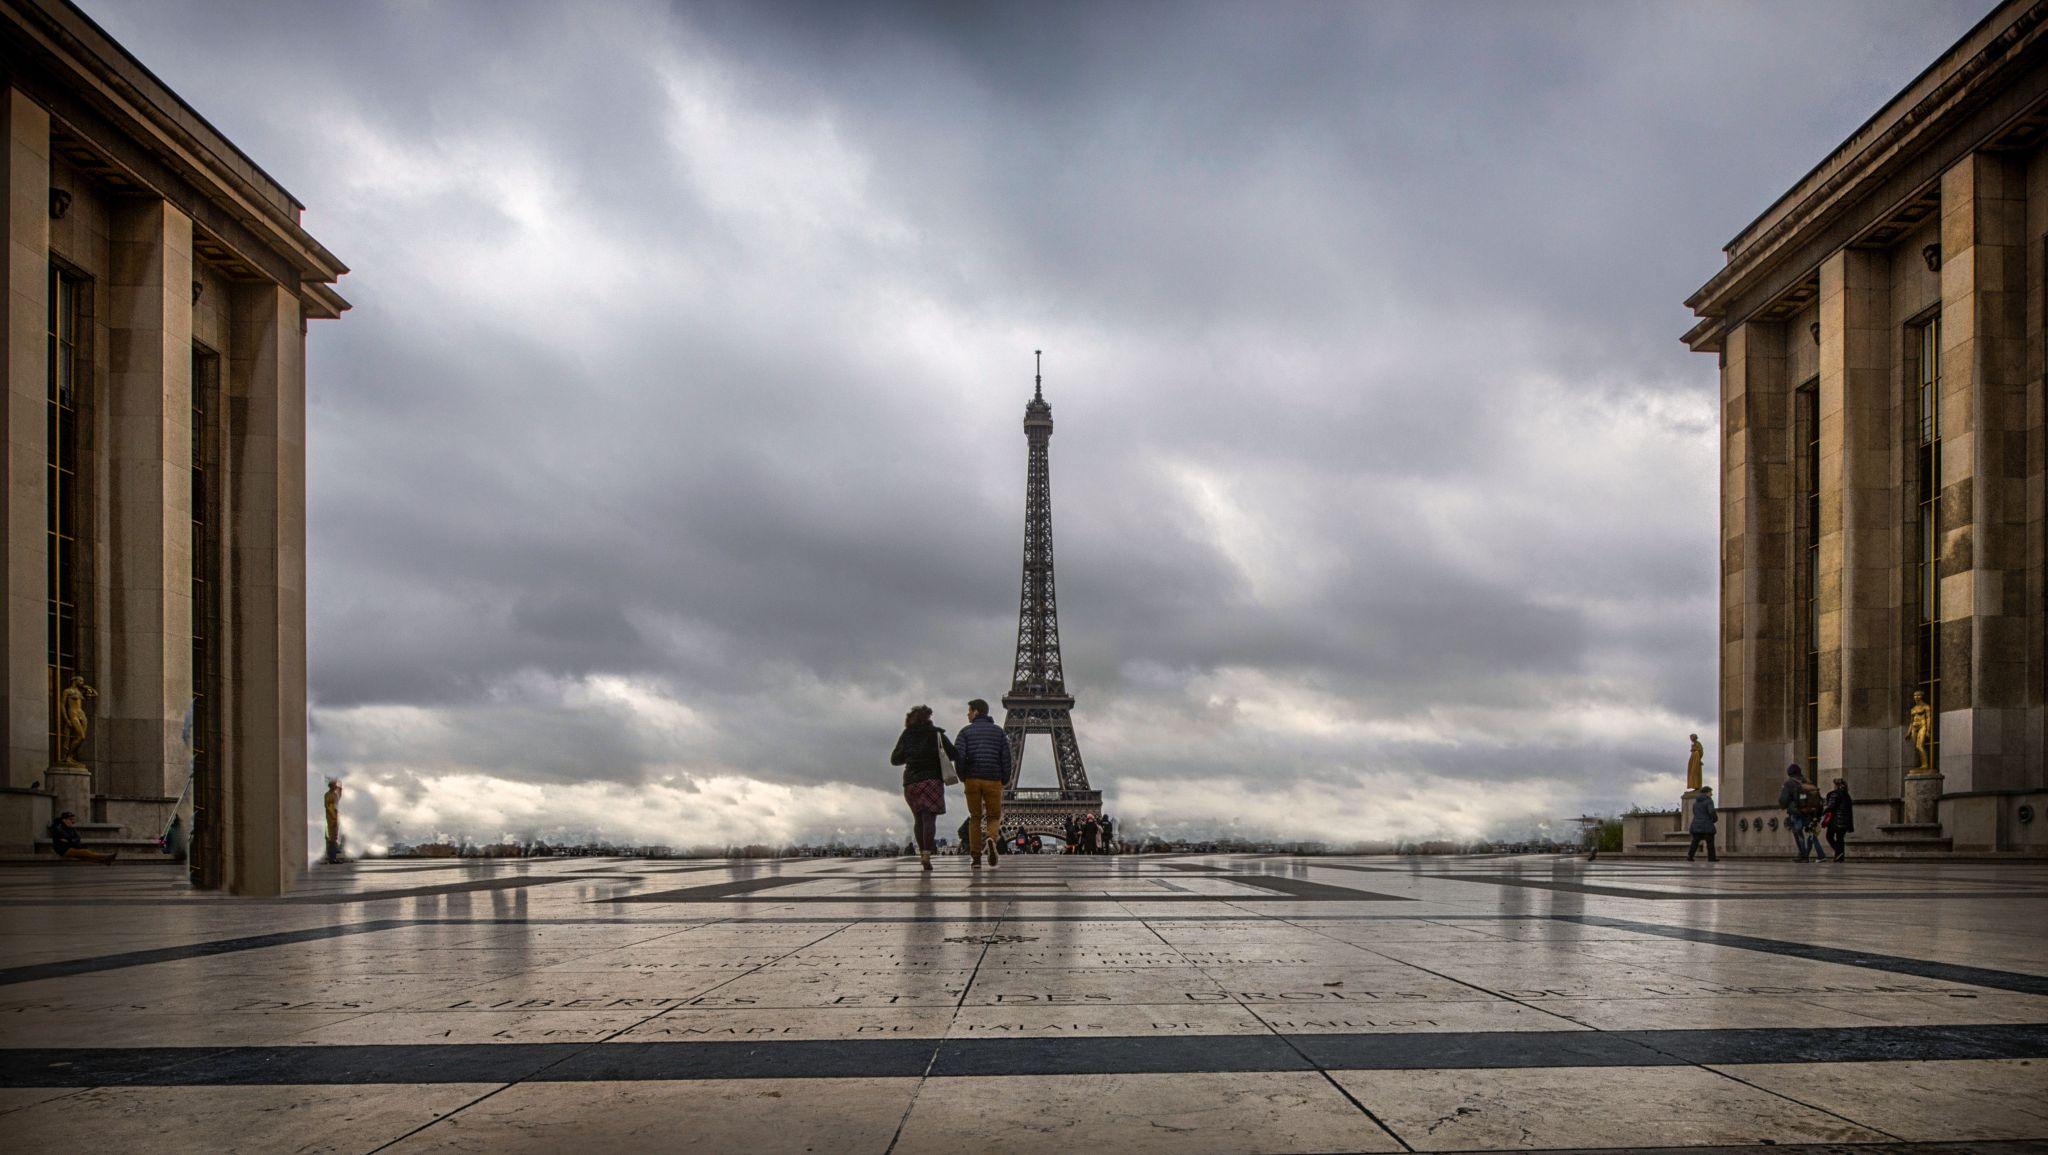 Trocadéro, France